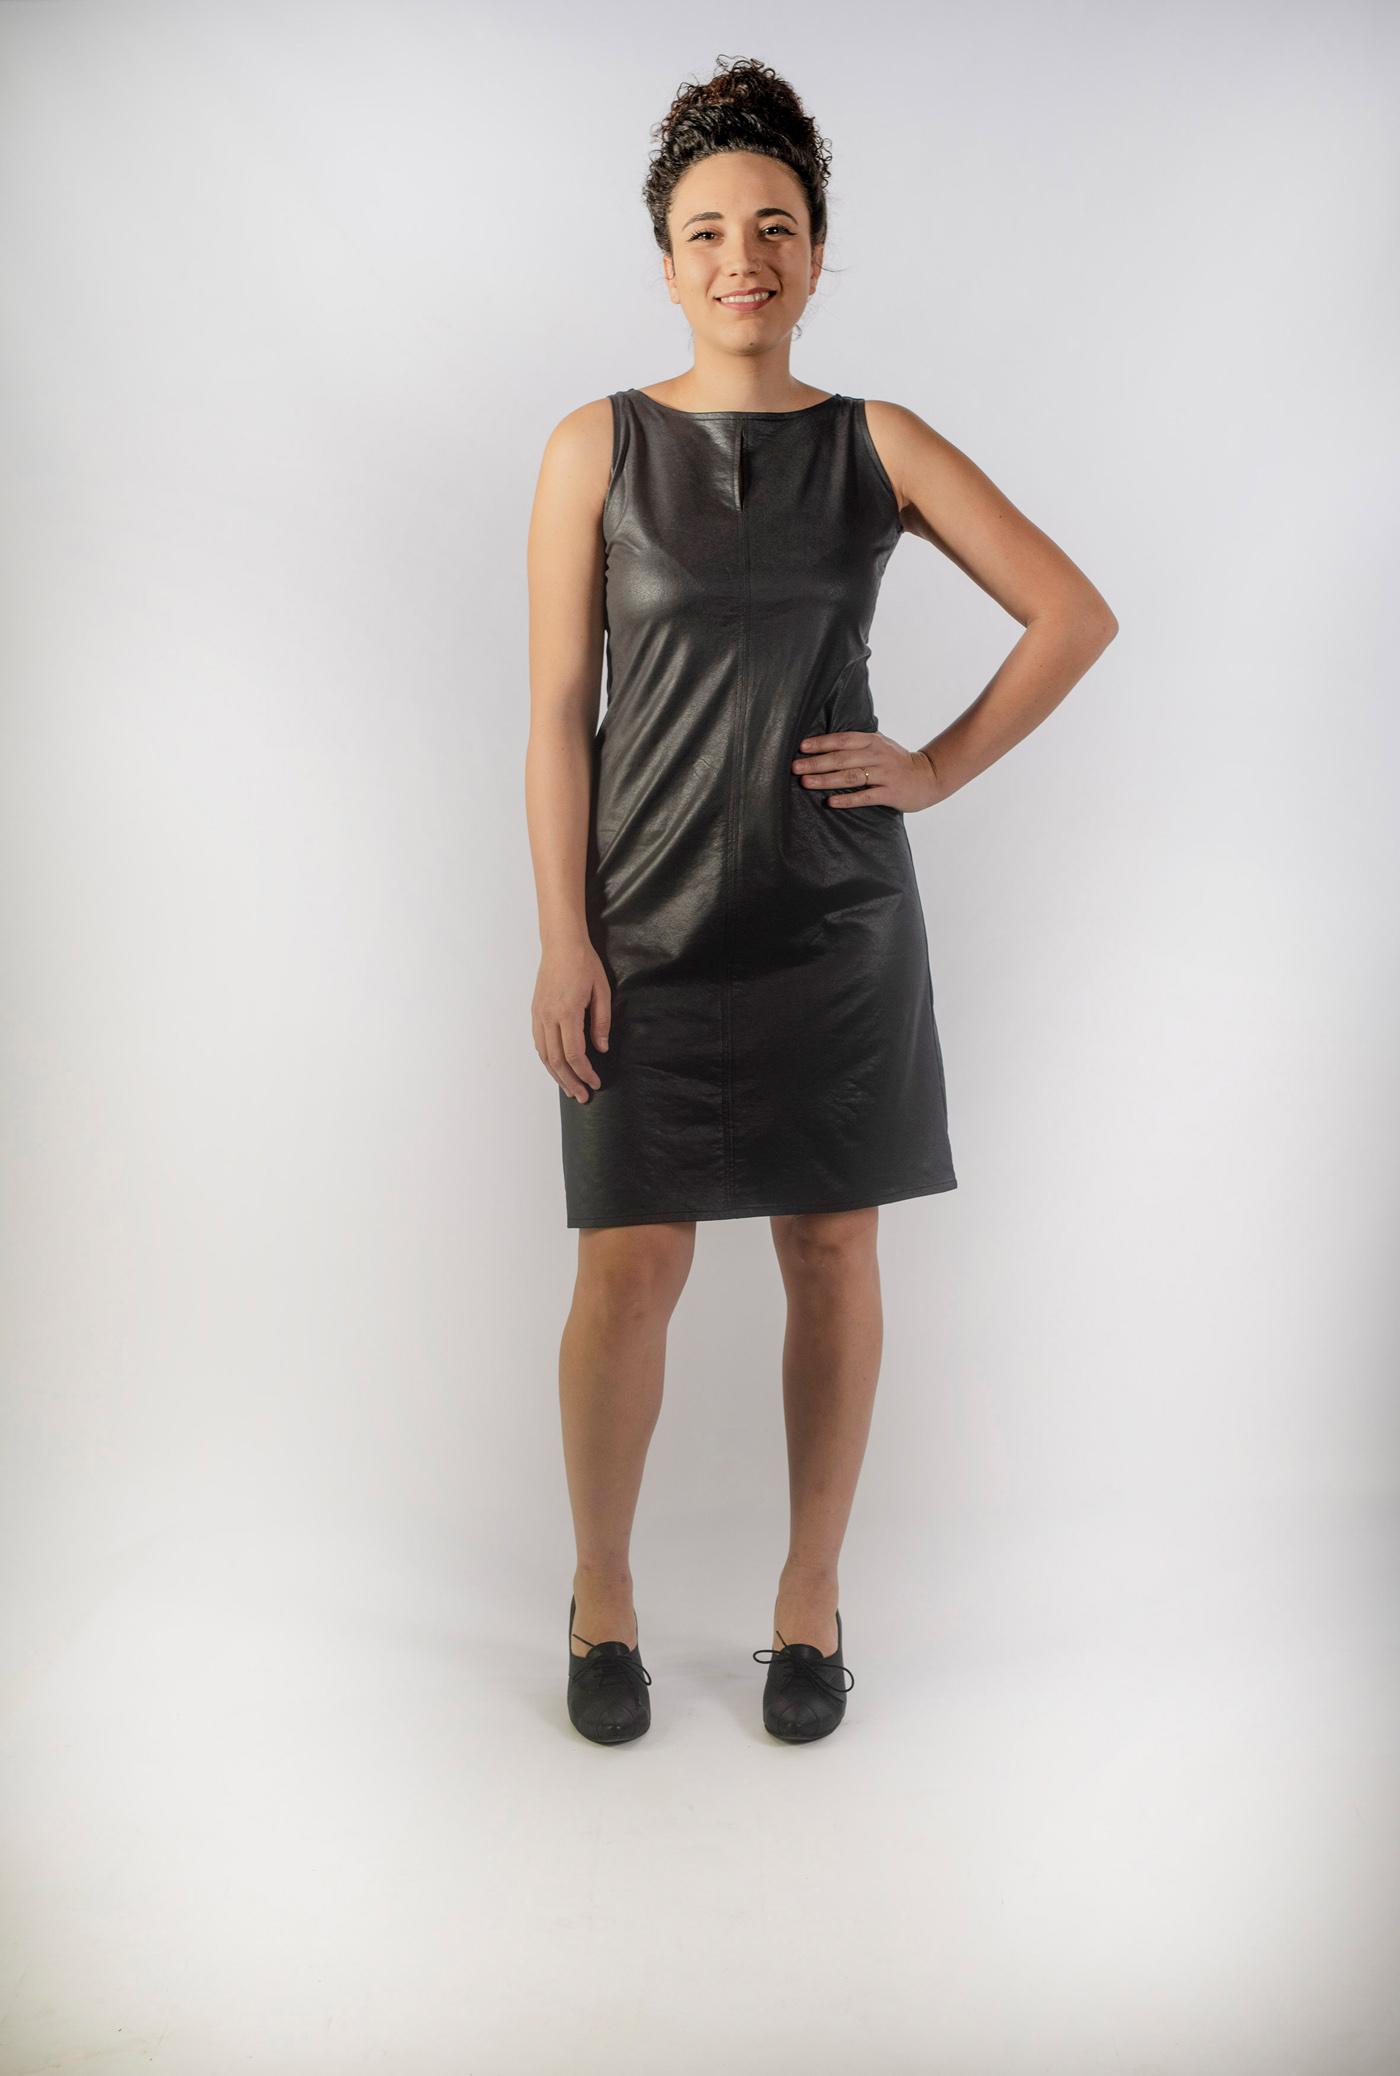 שמלה עם חתך ופתח מעל החזה , קצרה וצמודה